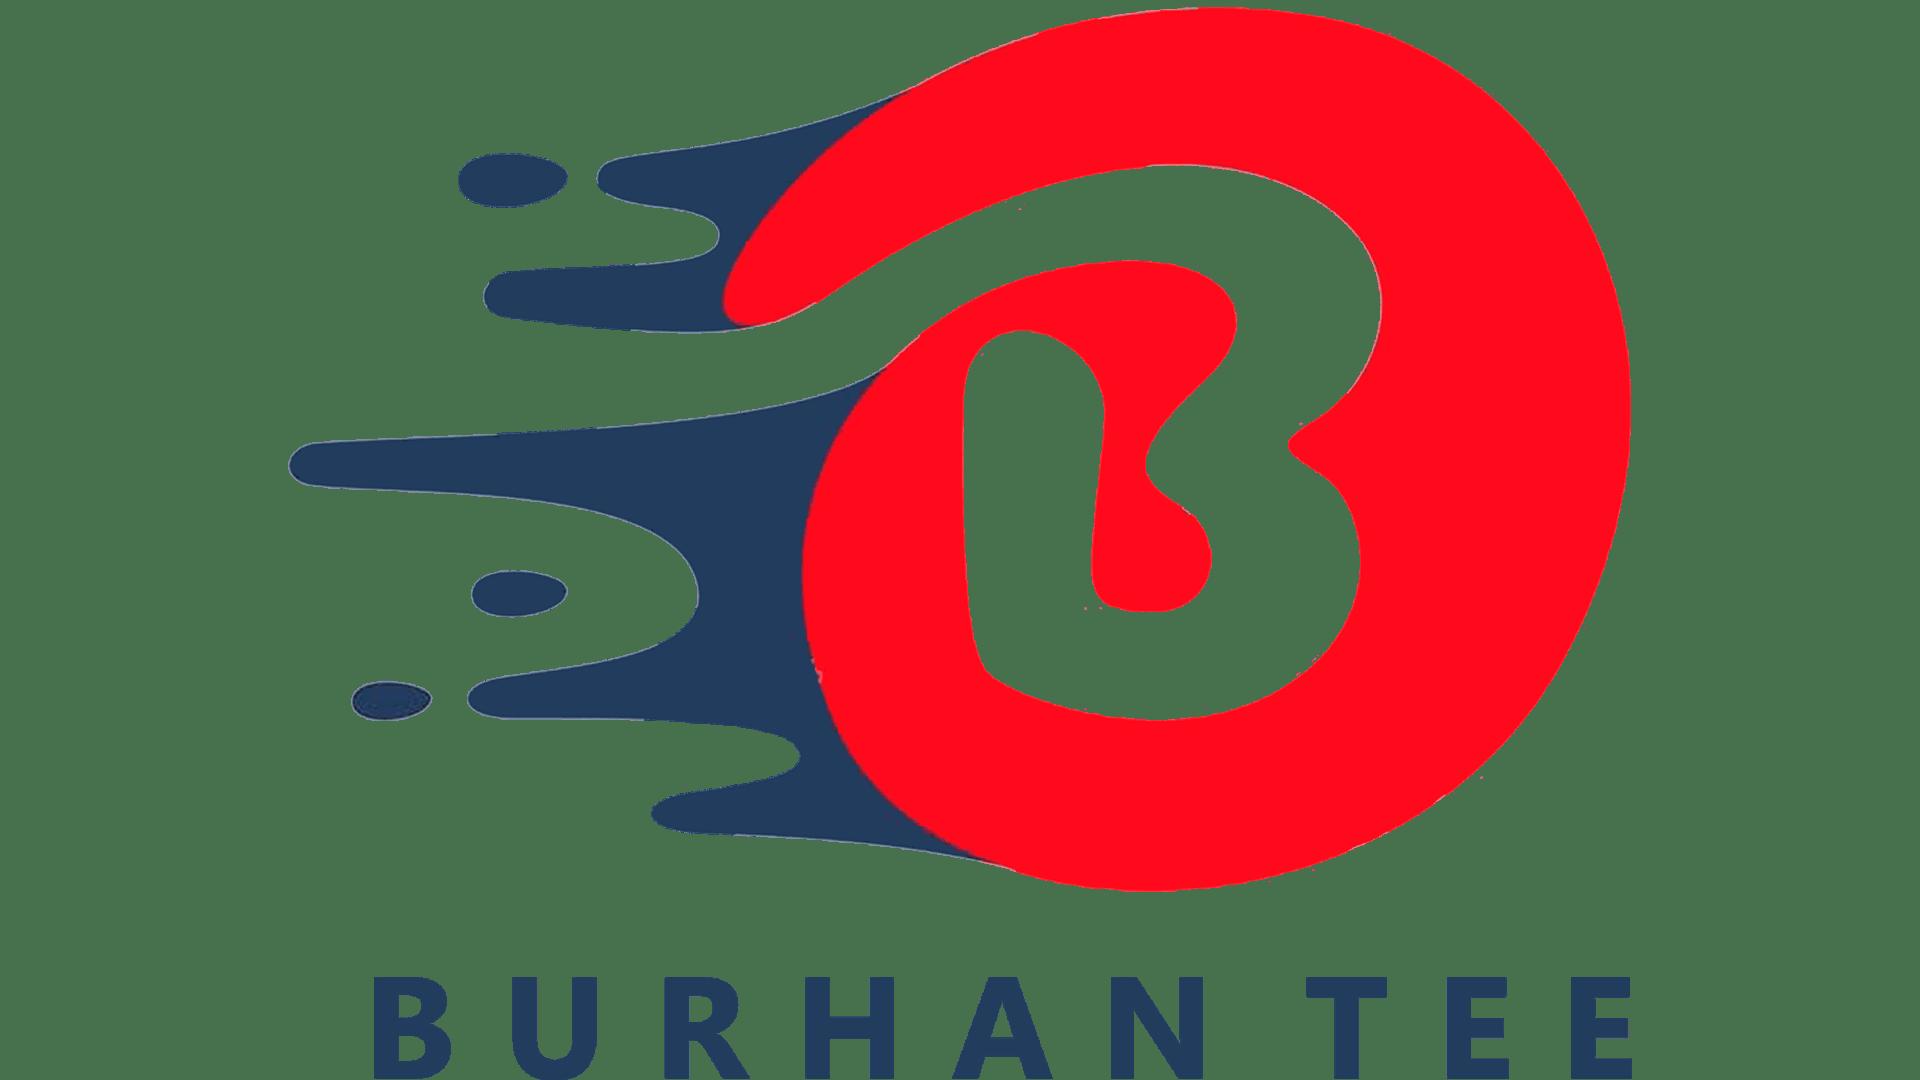 Burhantee